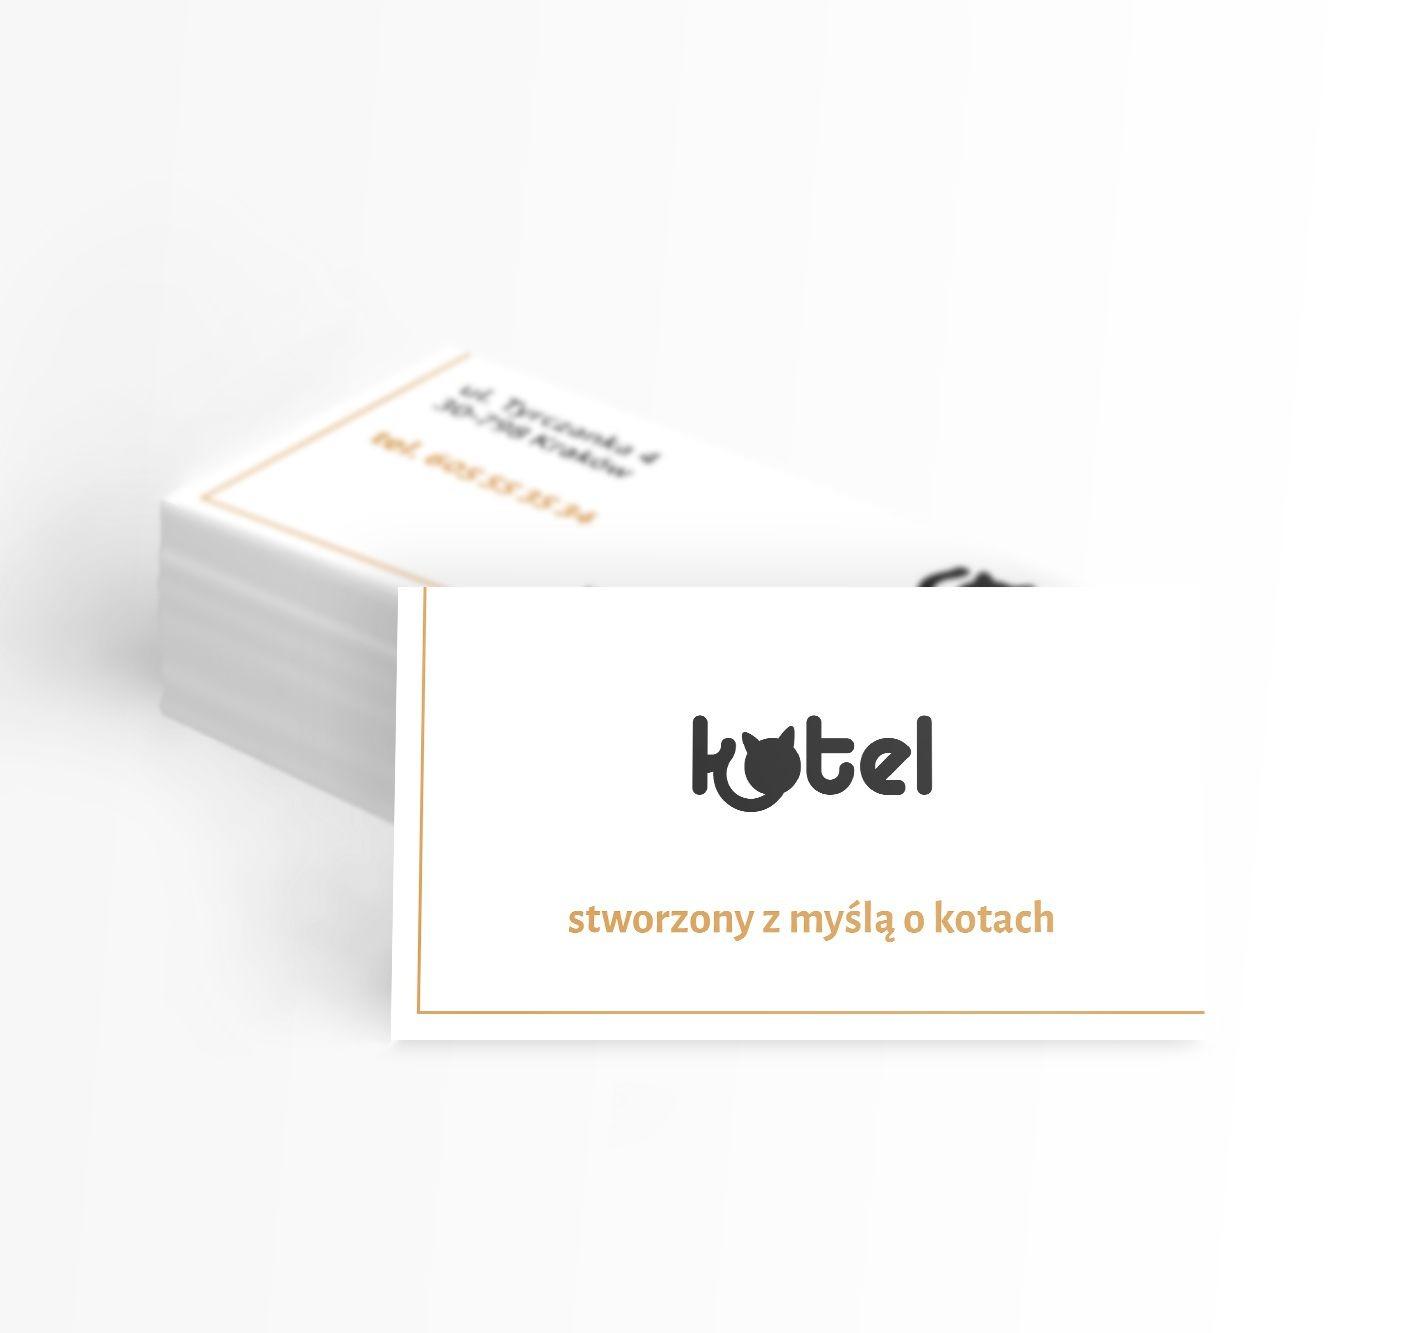 projekt wizytówek dla Kotel | branding | identyfikacja wizualna